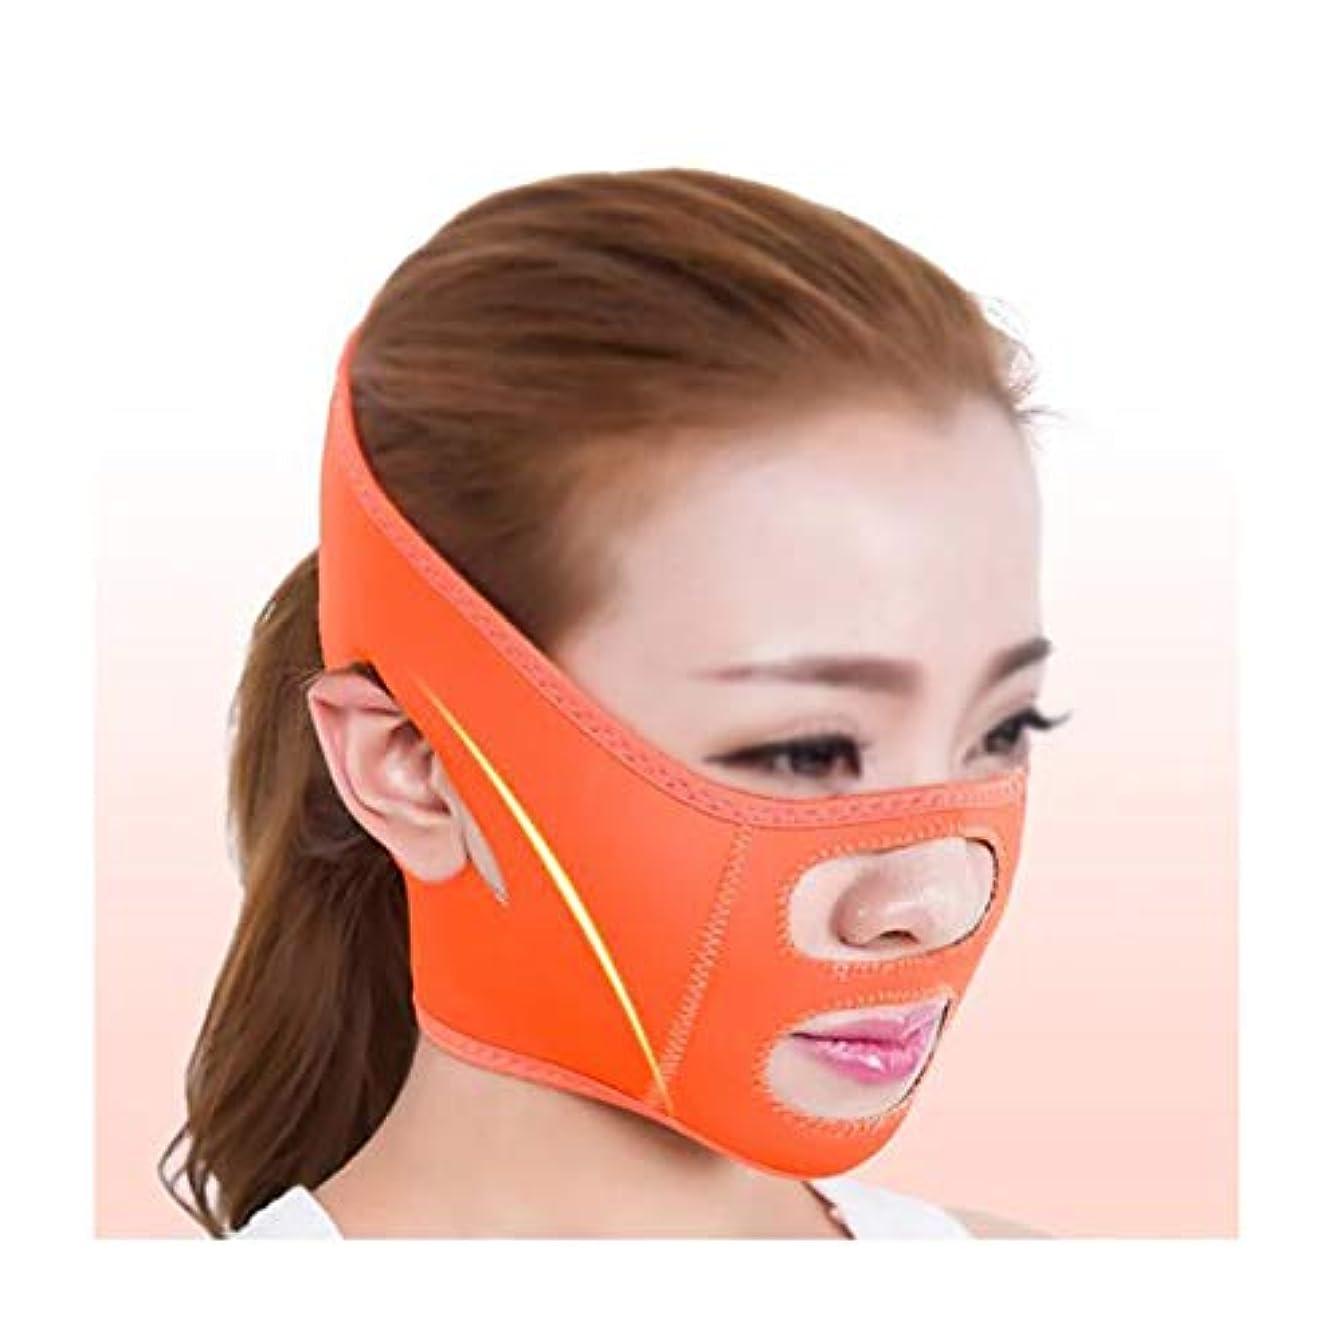 甘美な意識もしXHLMRMJ 引き締めフェイスマスク、術後リフティングマスクホーム包帯揺れネットワーク赤女性vフェイスステッカーストラップ楽器フェイスアーティファクト (Color : Orange)